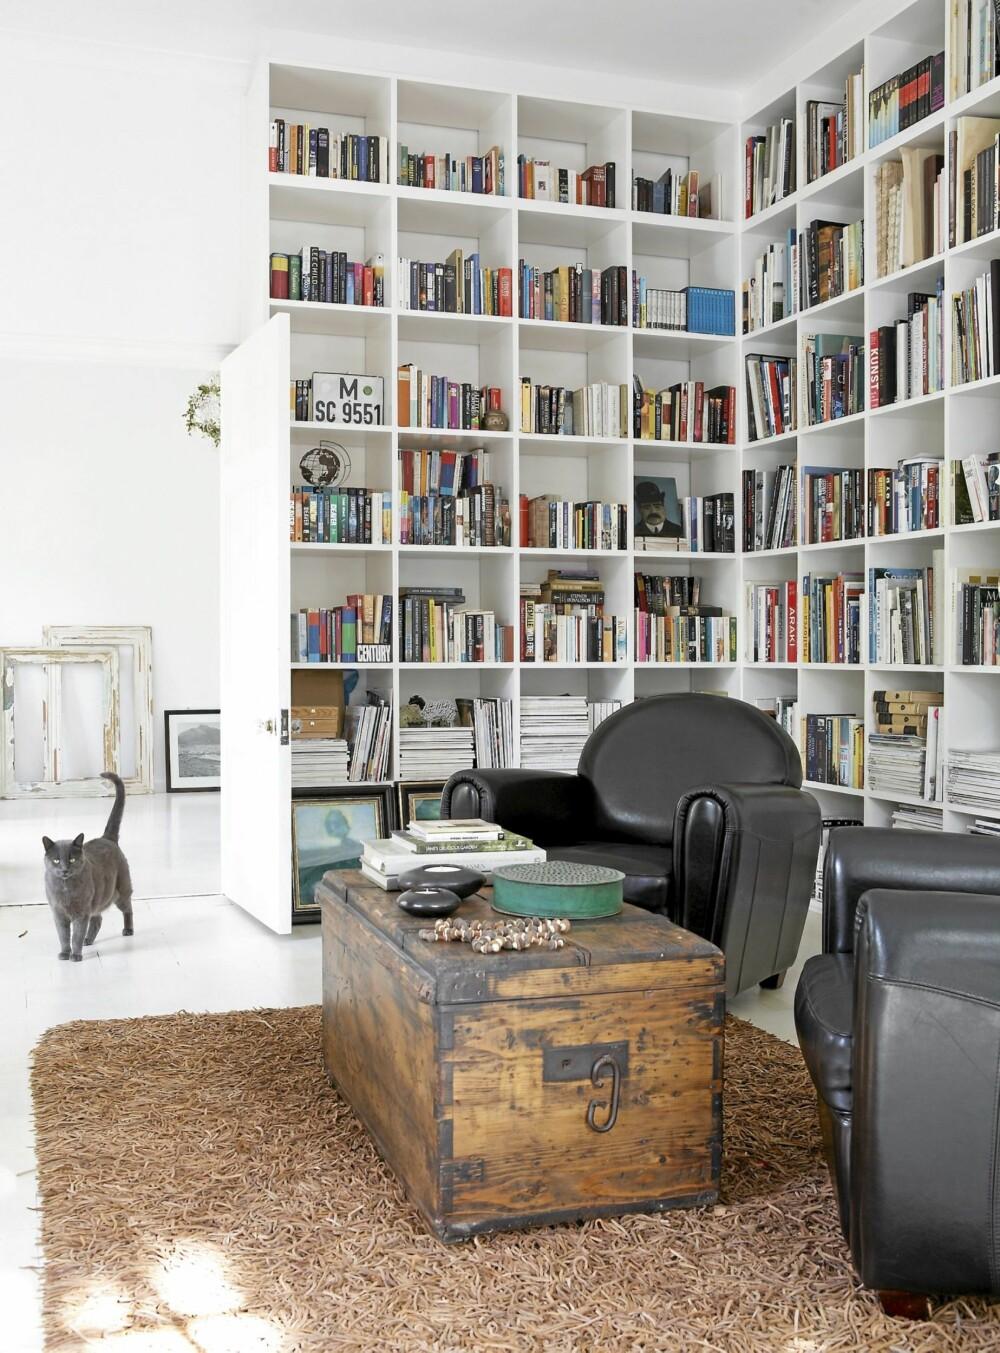 LESELYST: Med hvite vegger og glasstak er mangel på lys aldri en unnskyldning for ikke å lese en bok. De rene flatene brytes effektfullt av rå materialer representert ved en antikk kiste og det organisk fargede gulvteppet i dynamisk håndverksmessig utførelse.